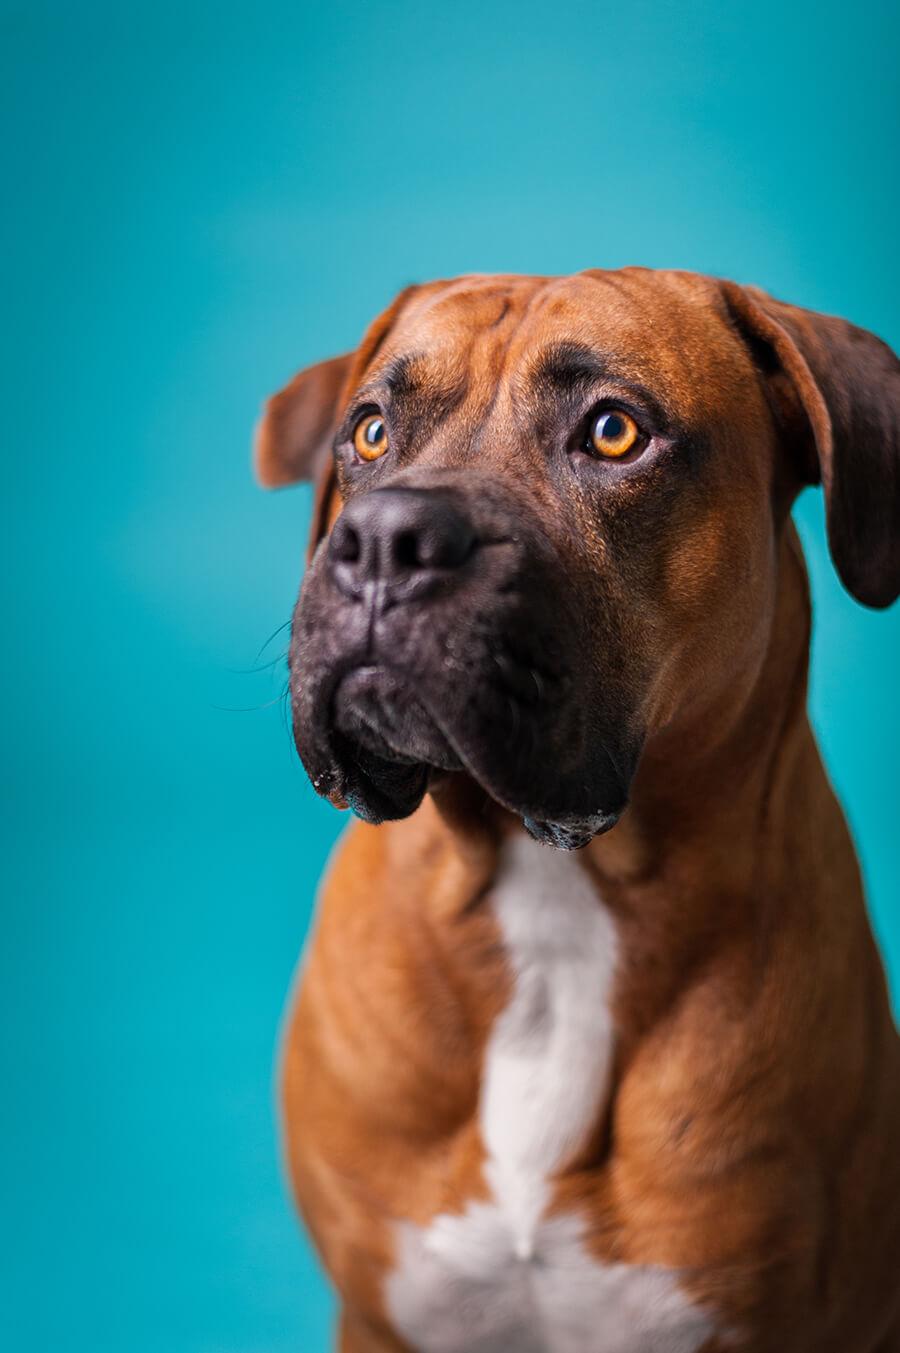 Hund Fokus Augen